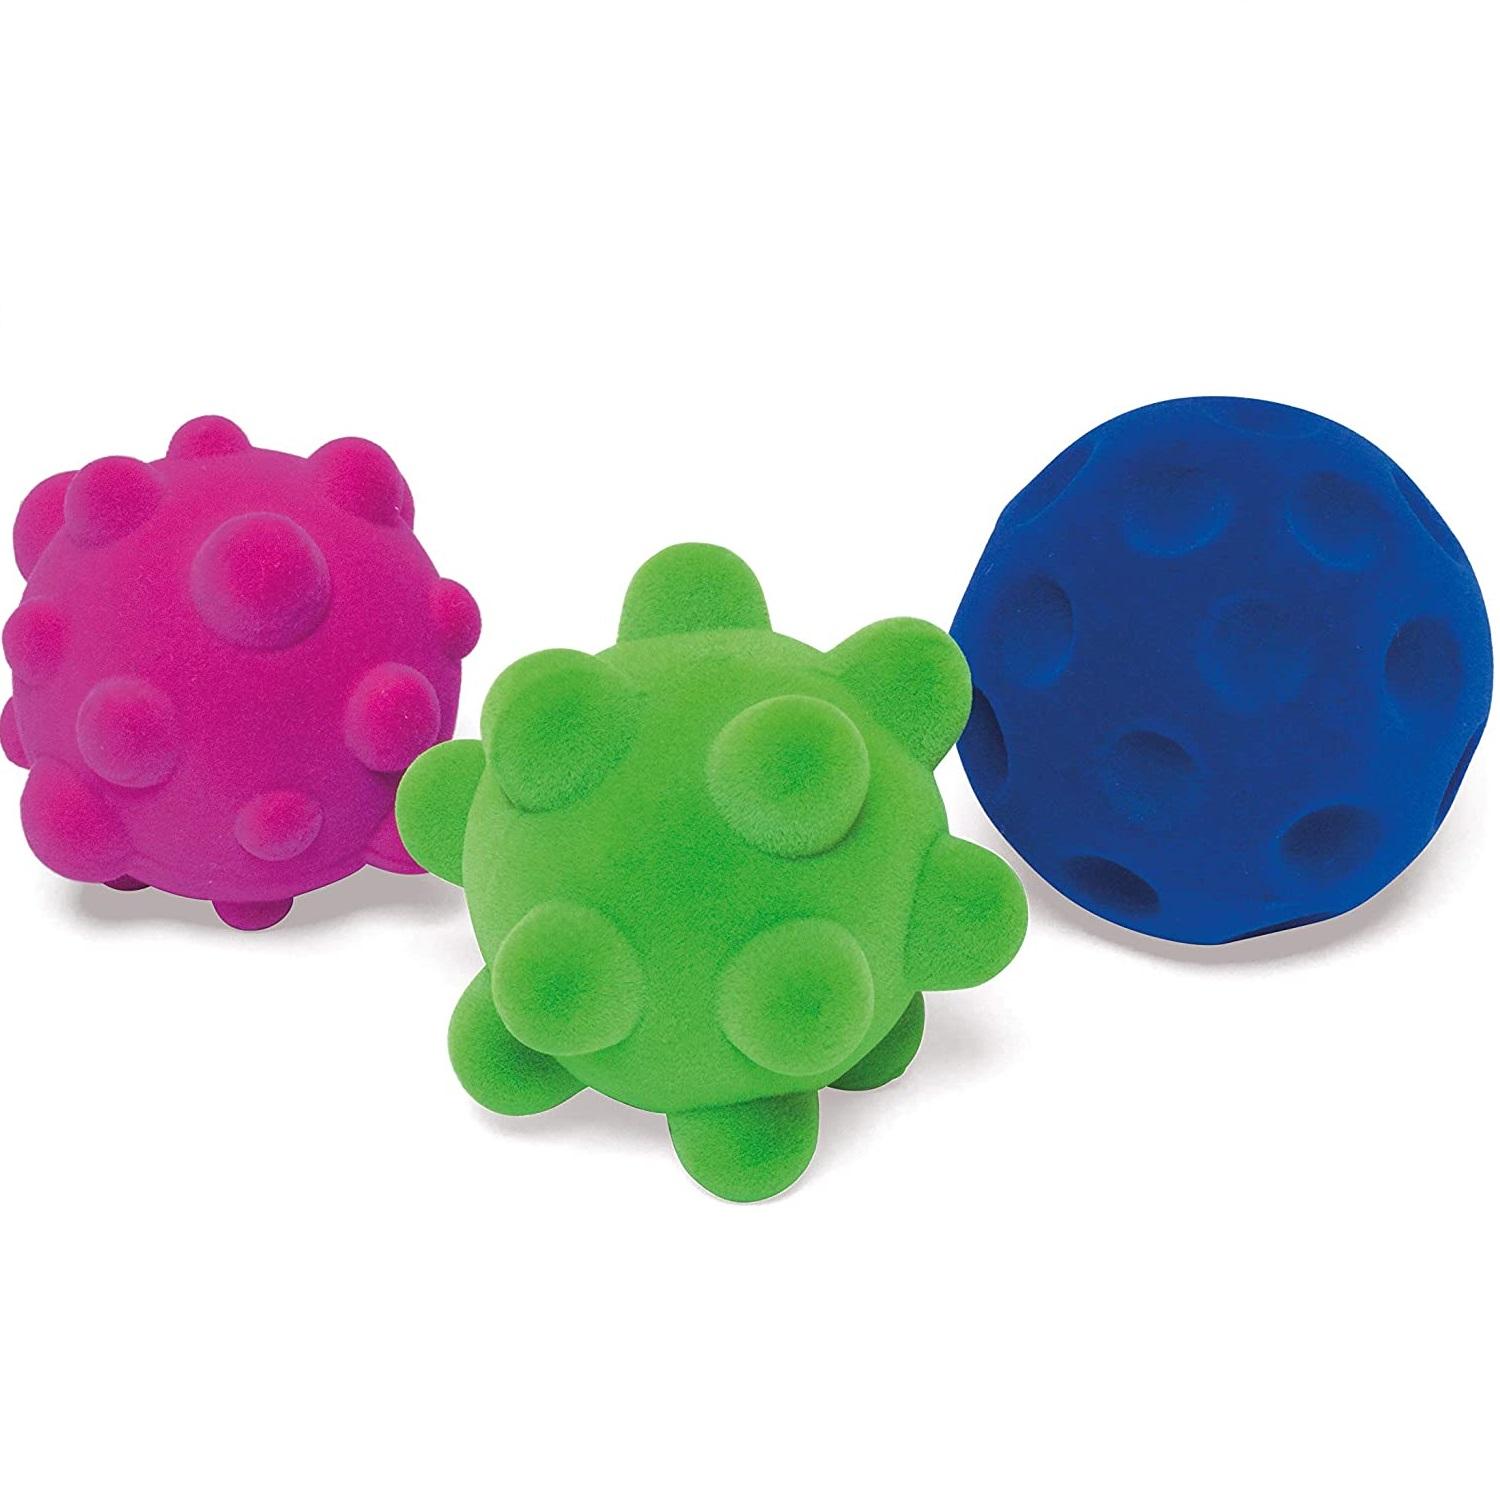 RUBBABU - Set de 3 mini balles sensorielles